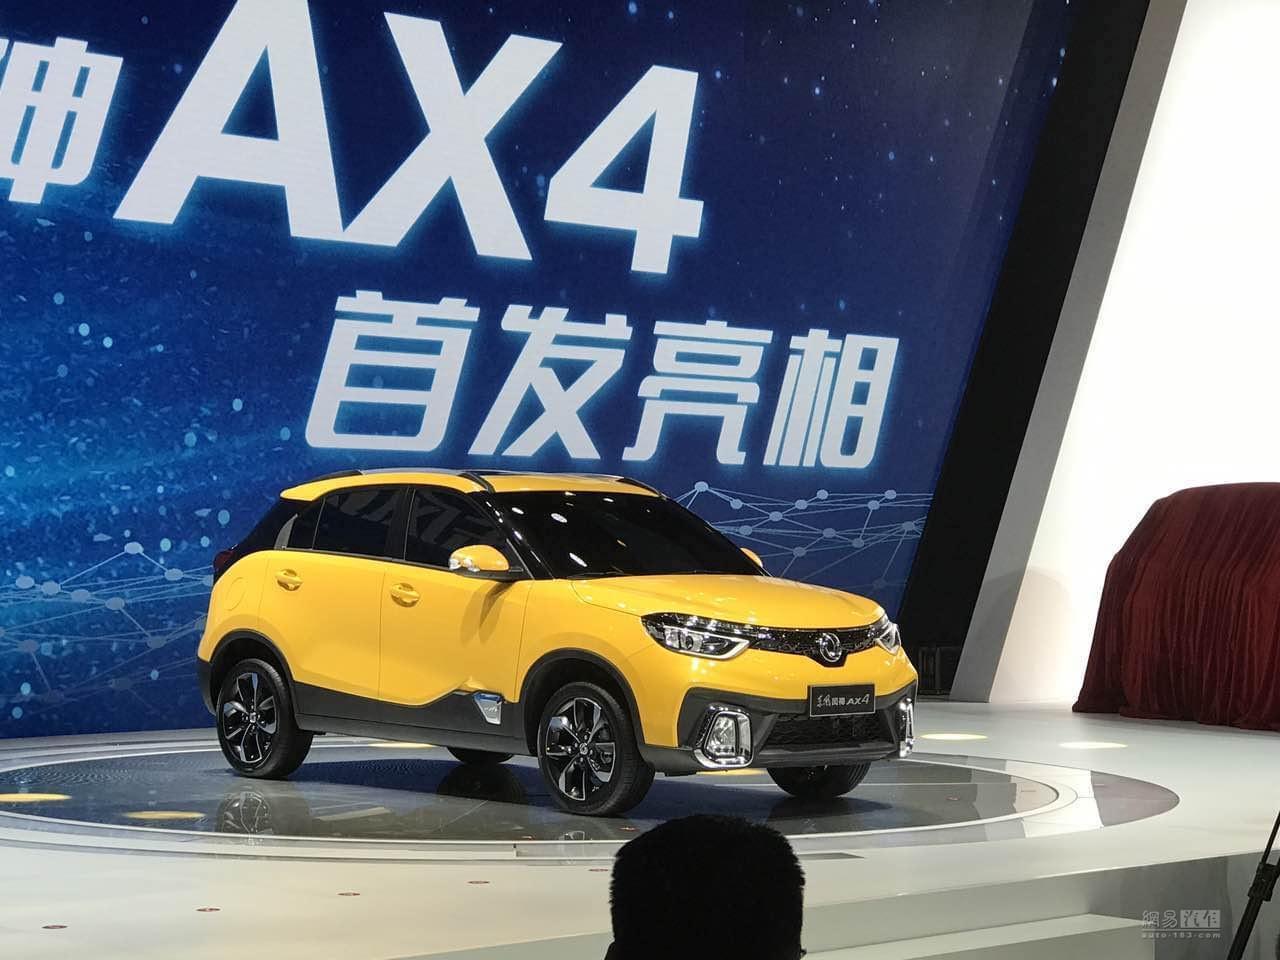 2017上海车展:东风风神AX4上海车展首发